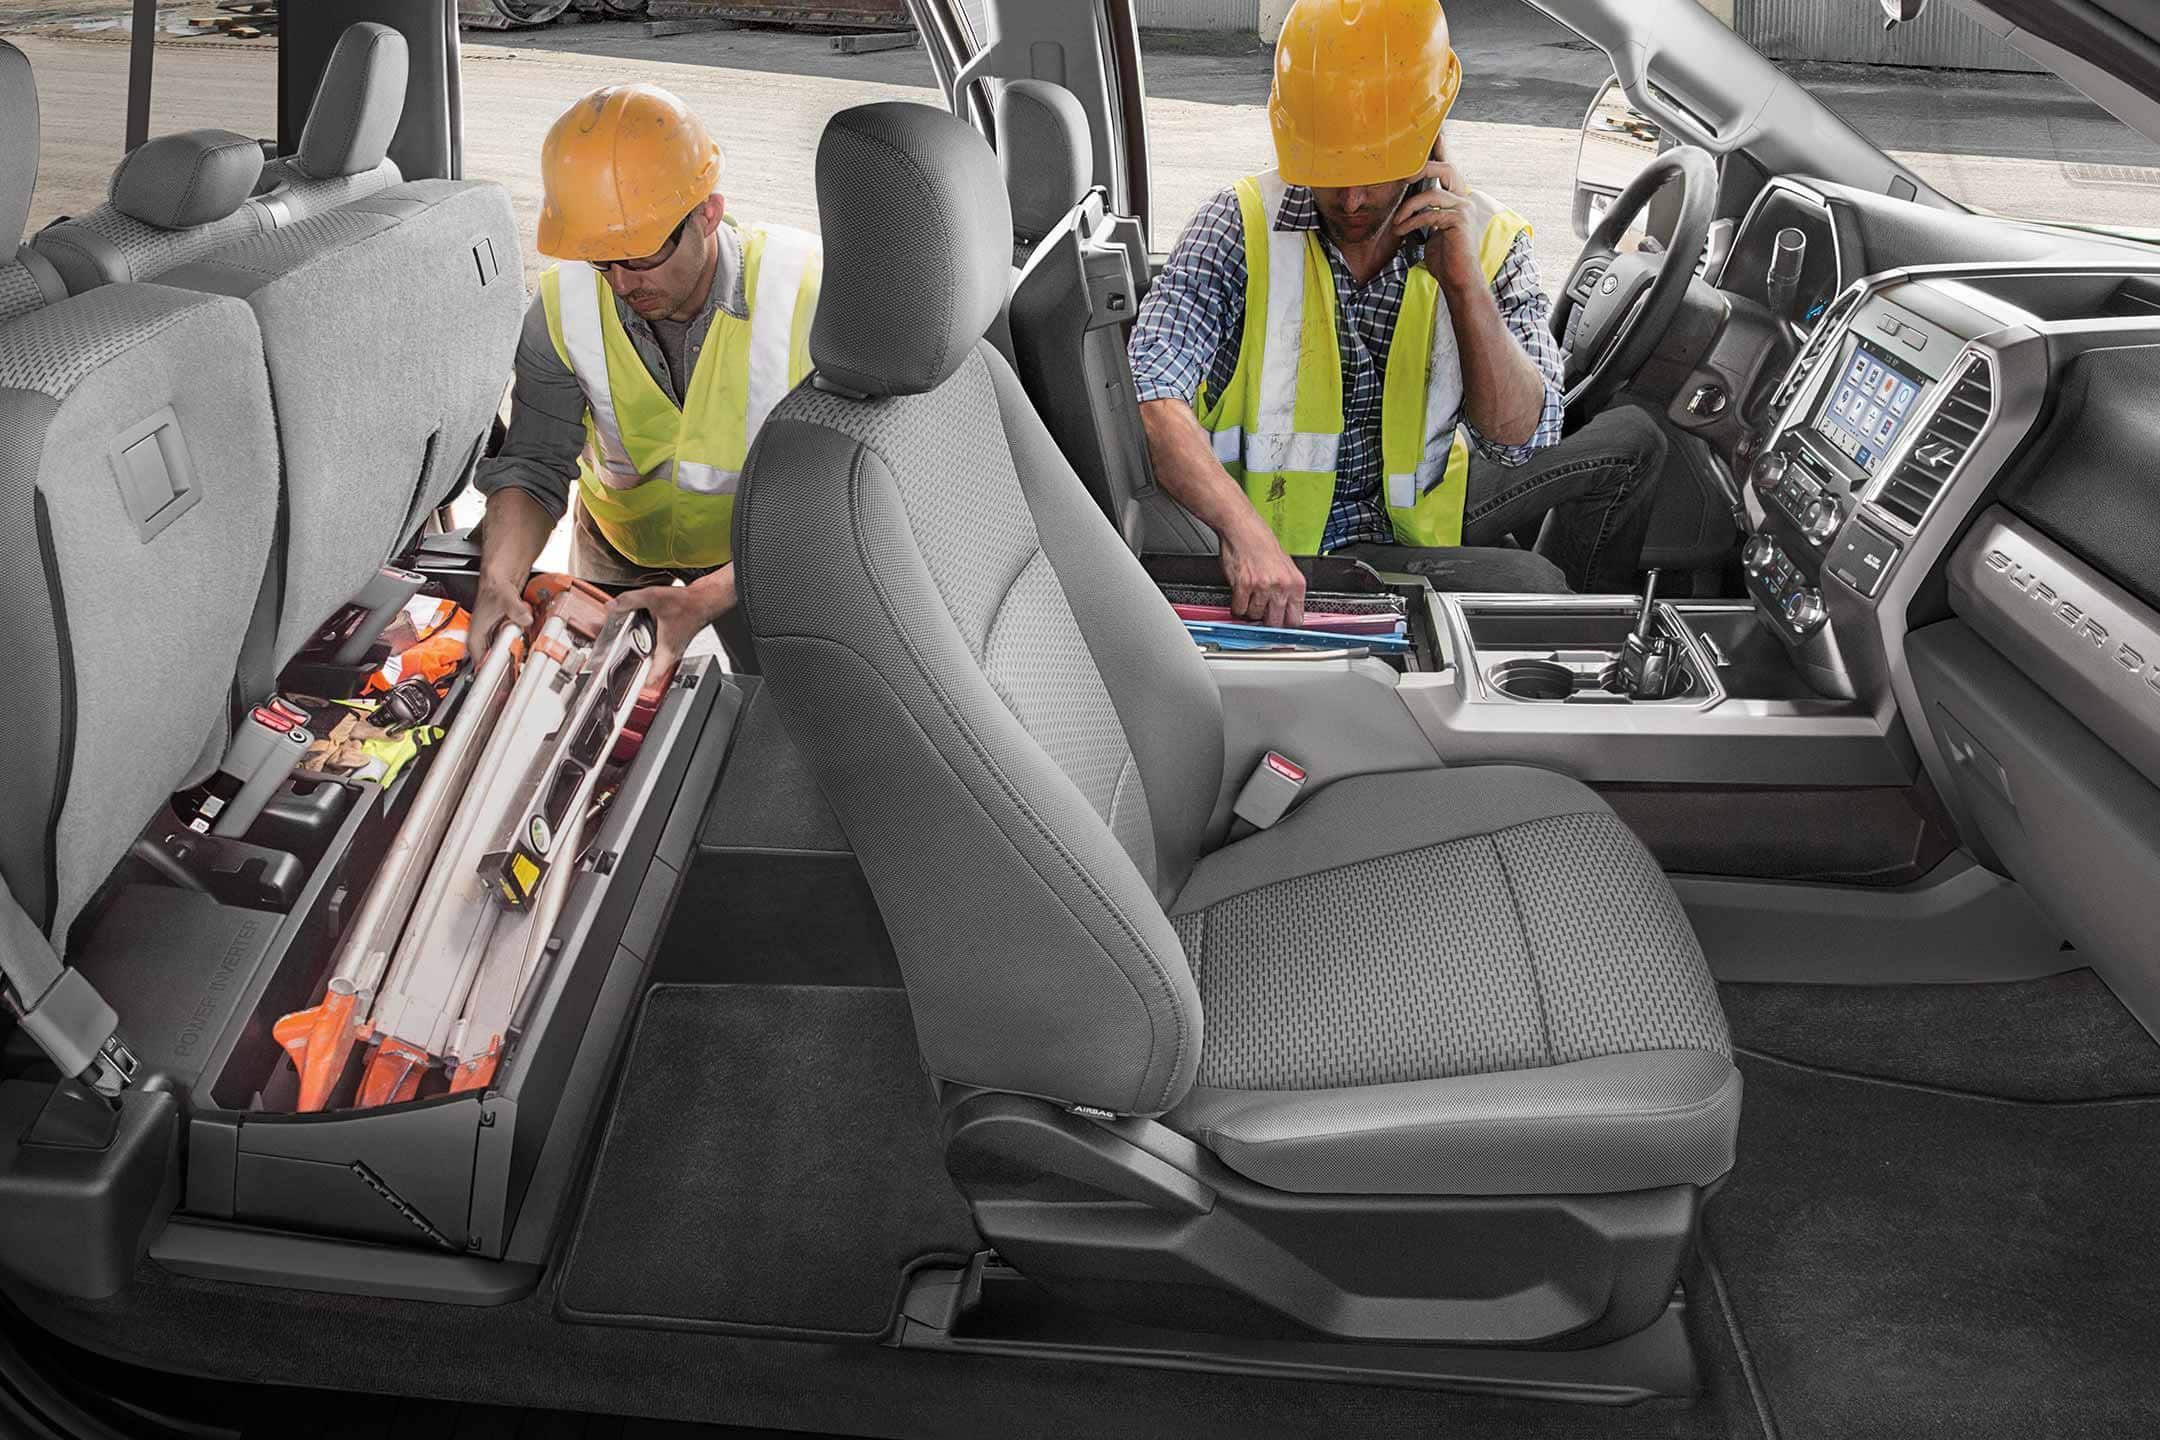 2019 Ford F-350 Interior